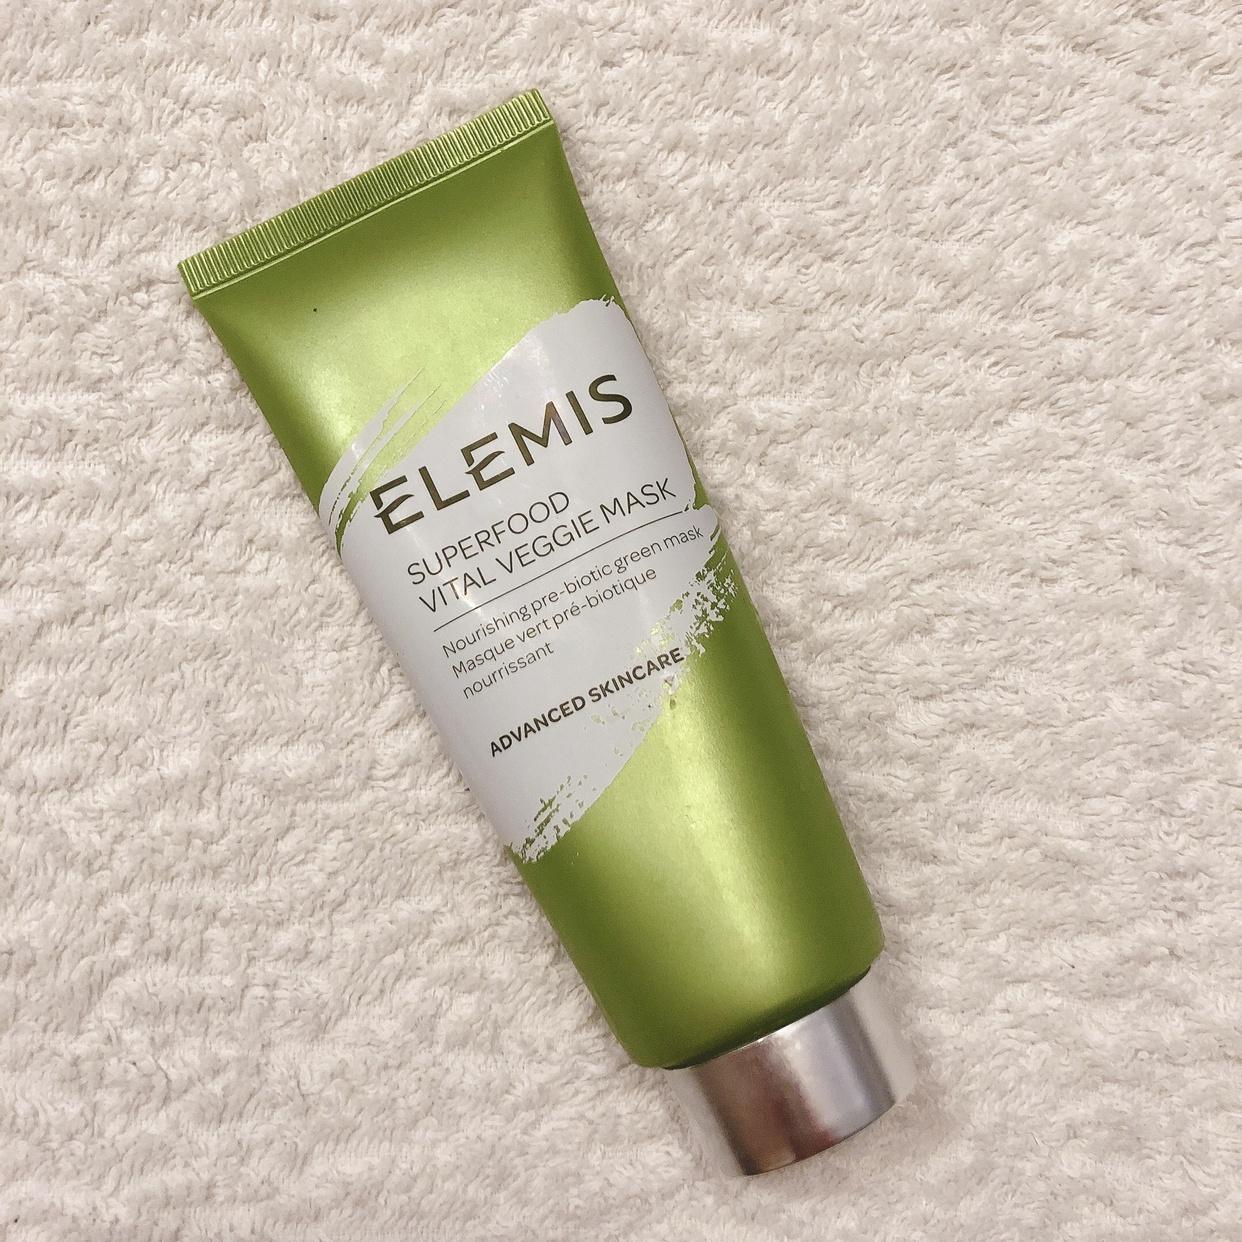 ELEMIS(エレミス) スーパーフードバイタルベジーマスクを使ったs_c_kさんのクチコミ画像1